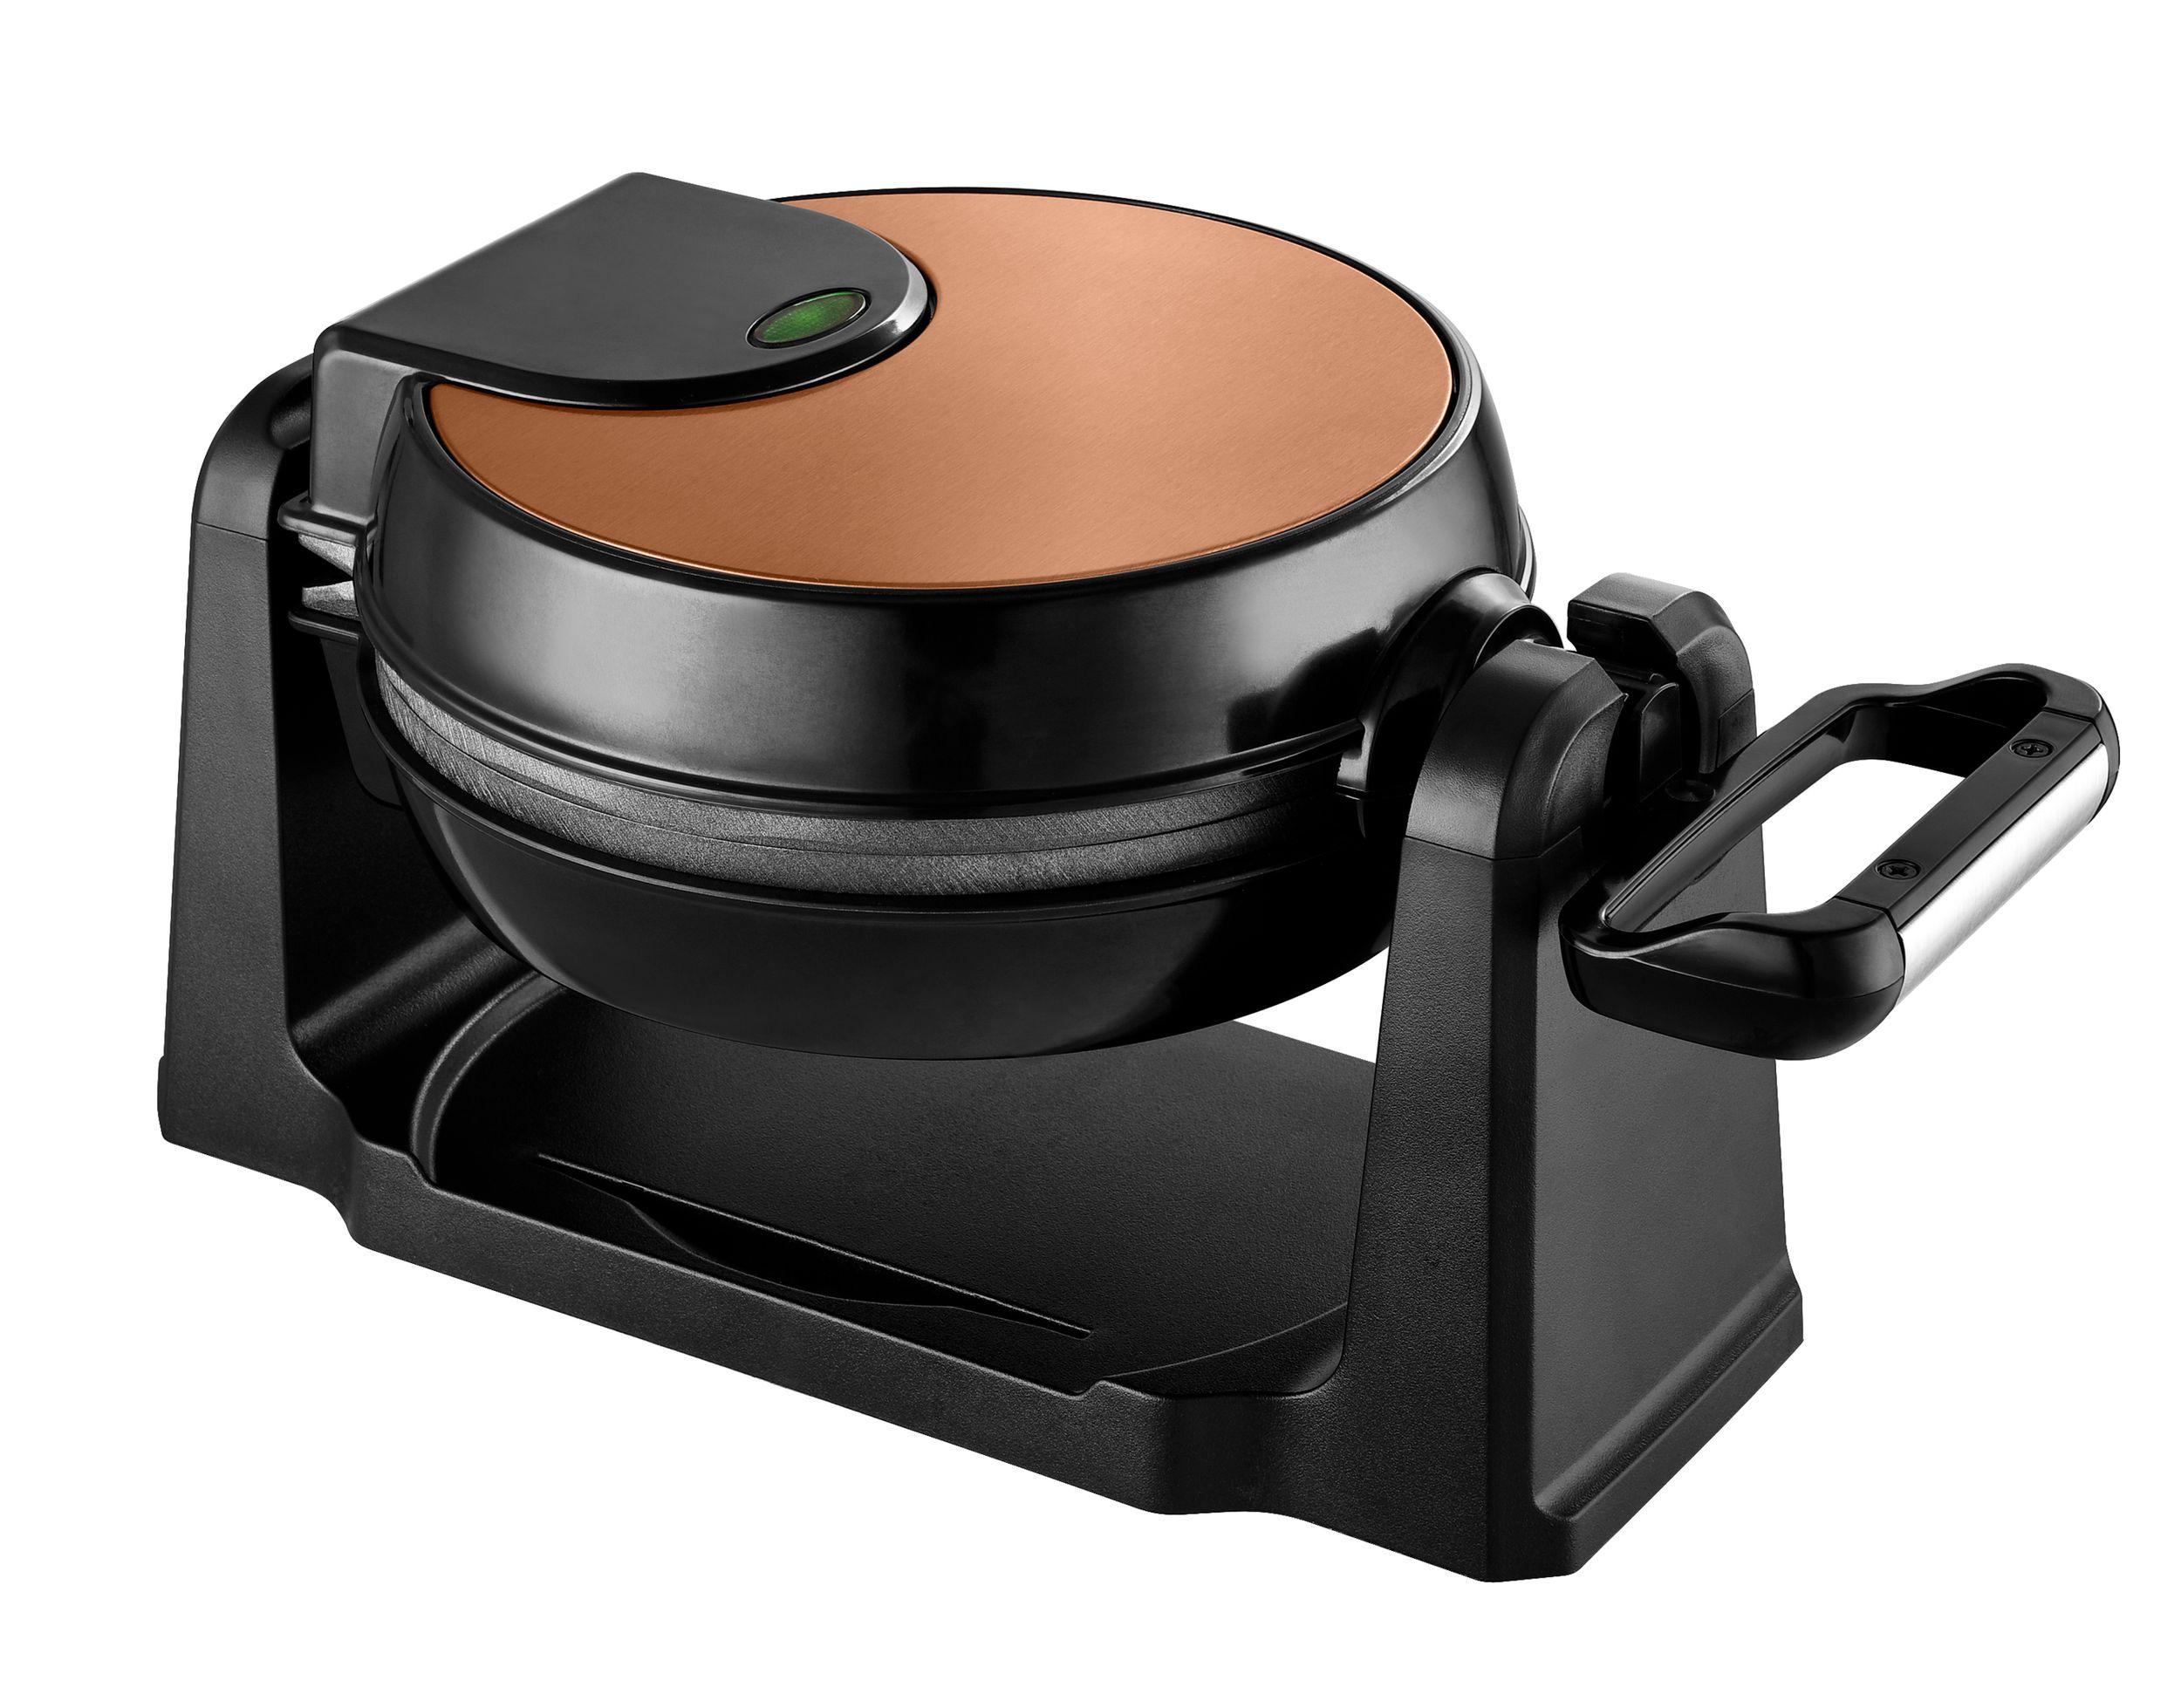 Drehbares Wende Waffeleisen Wafflemaker Antihaft Copper Kupfer Thermostat NEU*49197 Bild 4